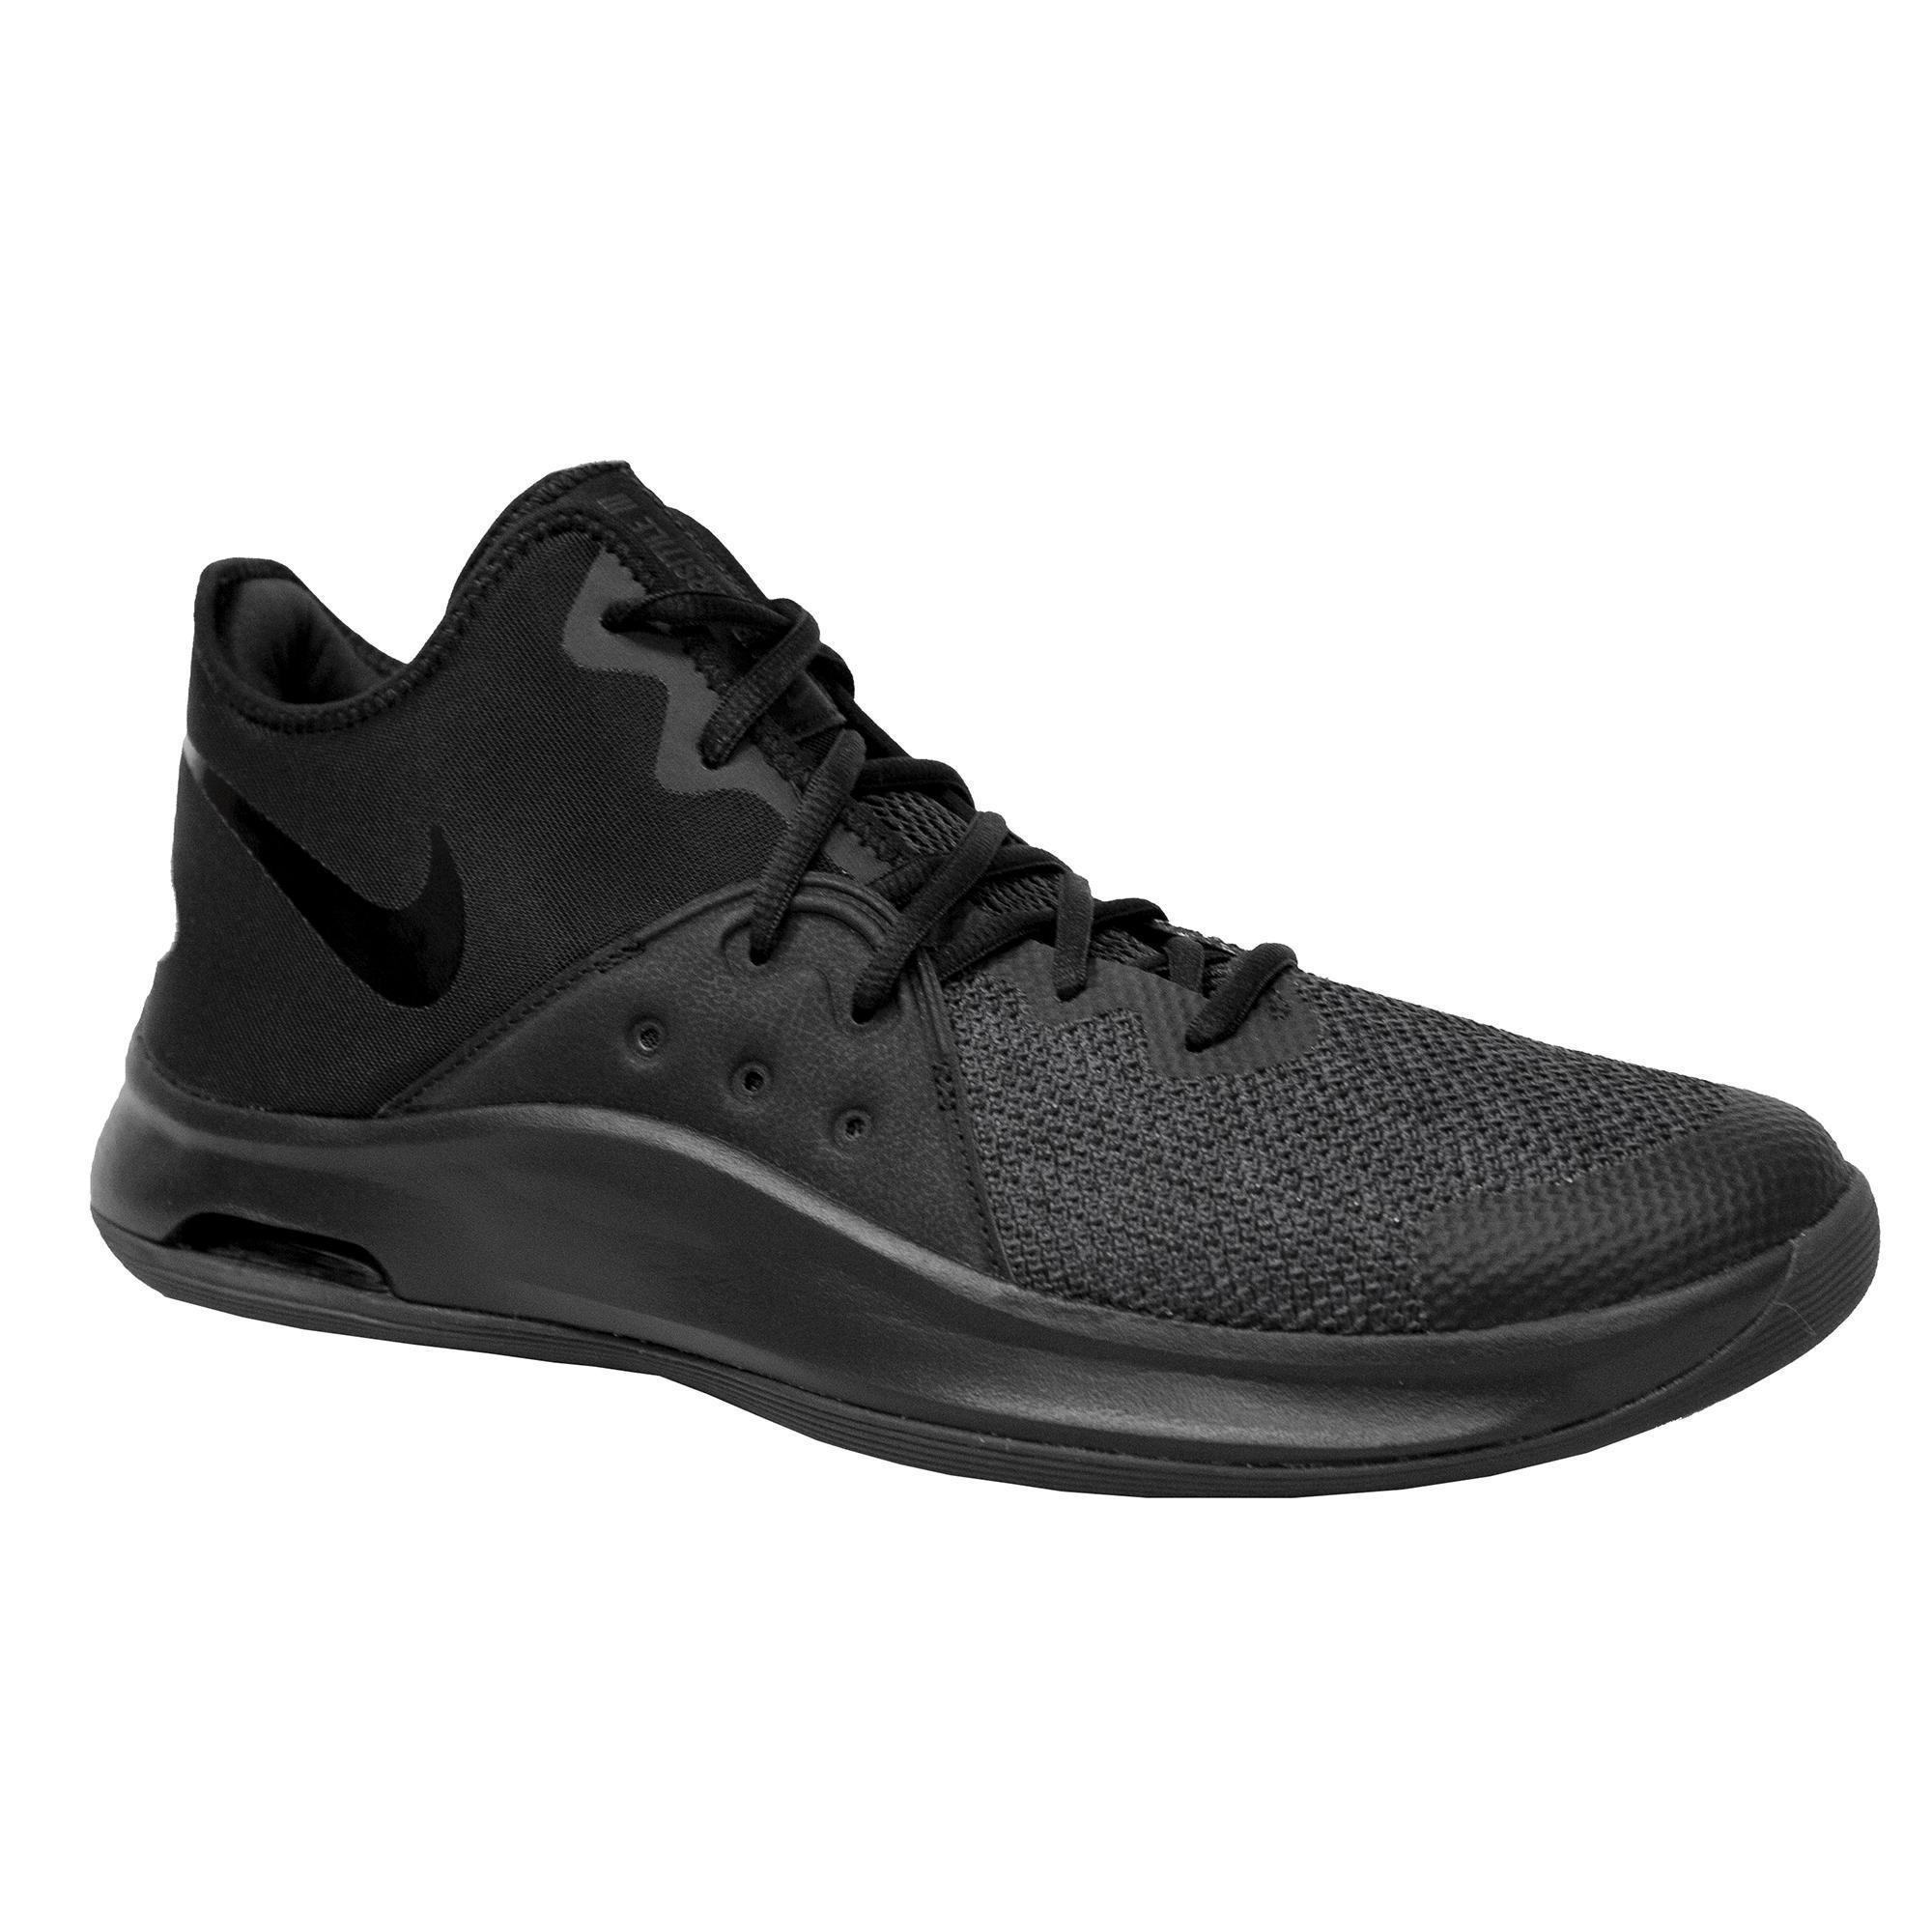 2617759 Nike Basketbalschoenen halfgevorderde spelers Nike Air Versatile III zwart